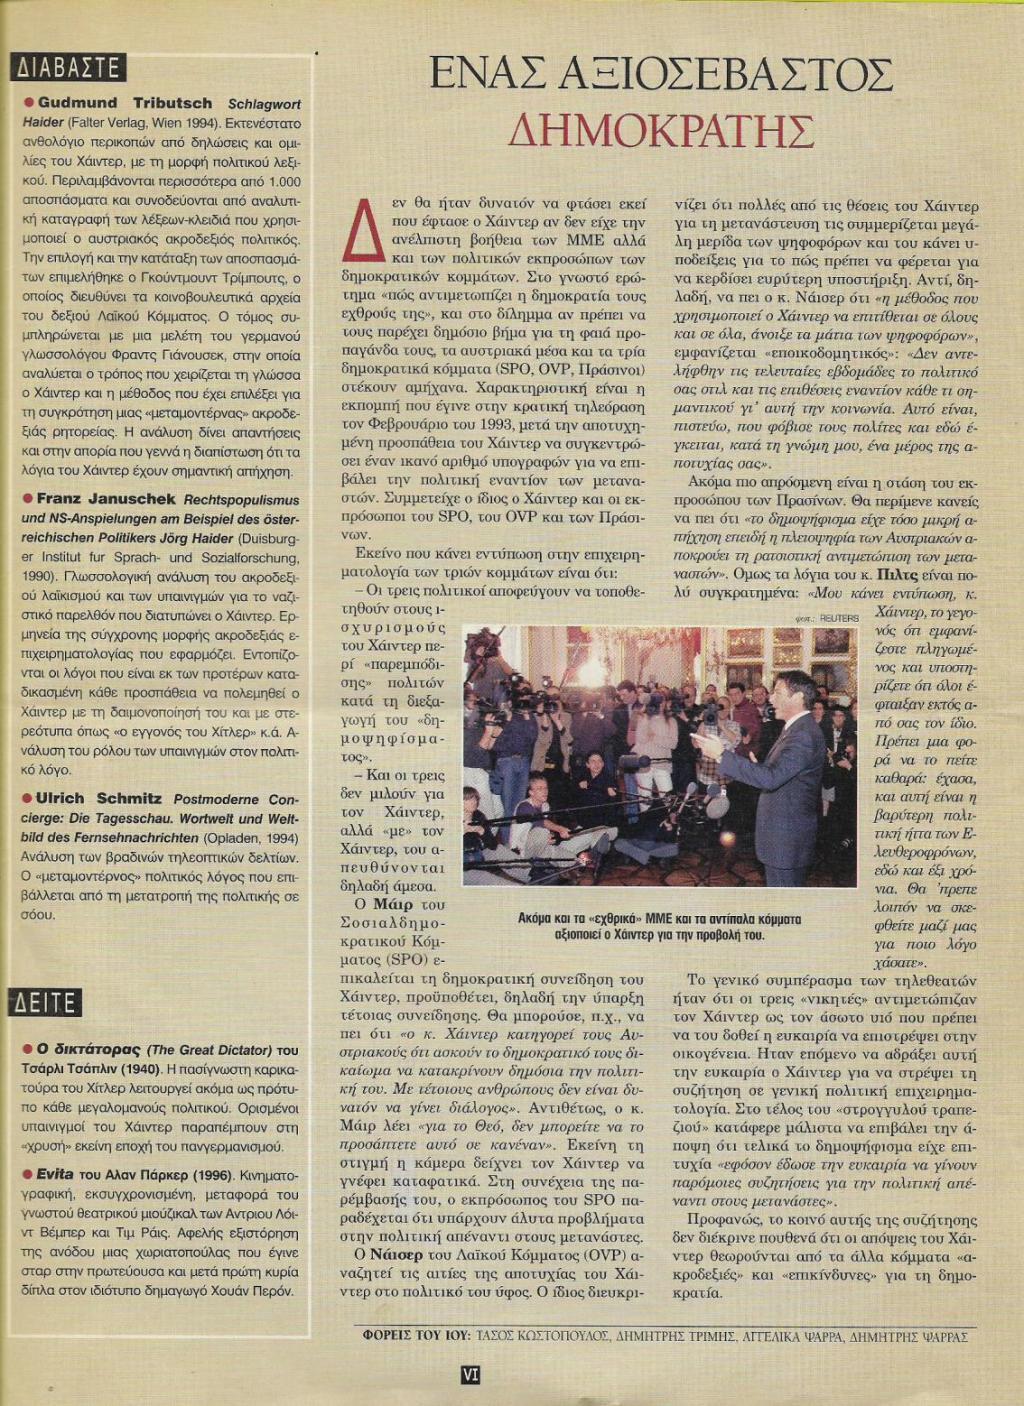 2000-03-19-ΕΨΙΛΟΝ - Ιός - Πως θα γίνετε Χάιντερ της Ελλάδας Οδηγίες προς πολιτευομένους -06